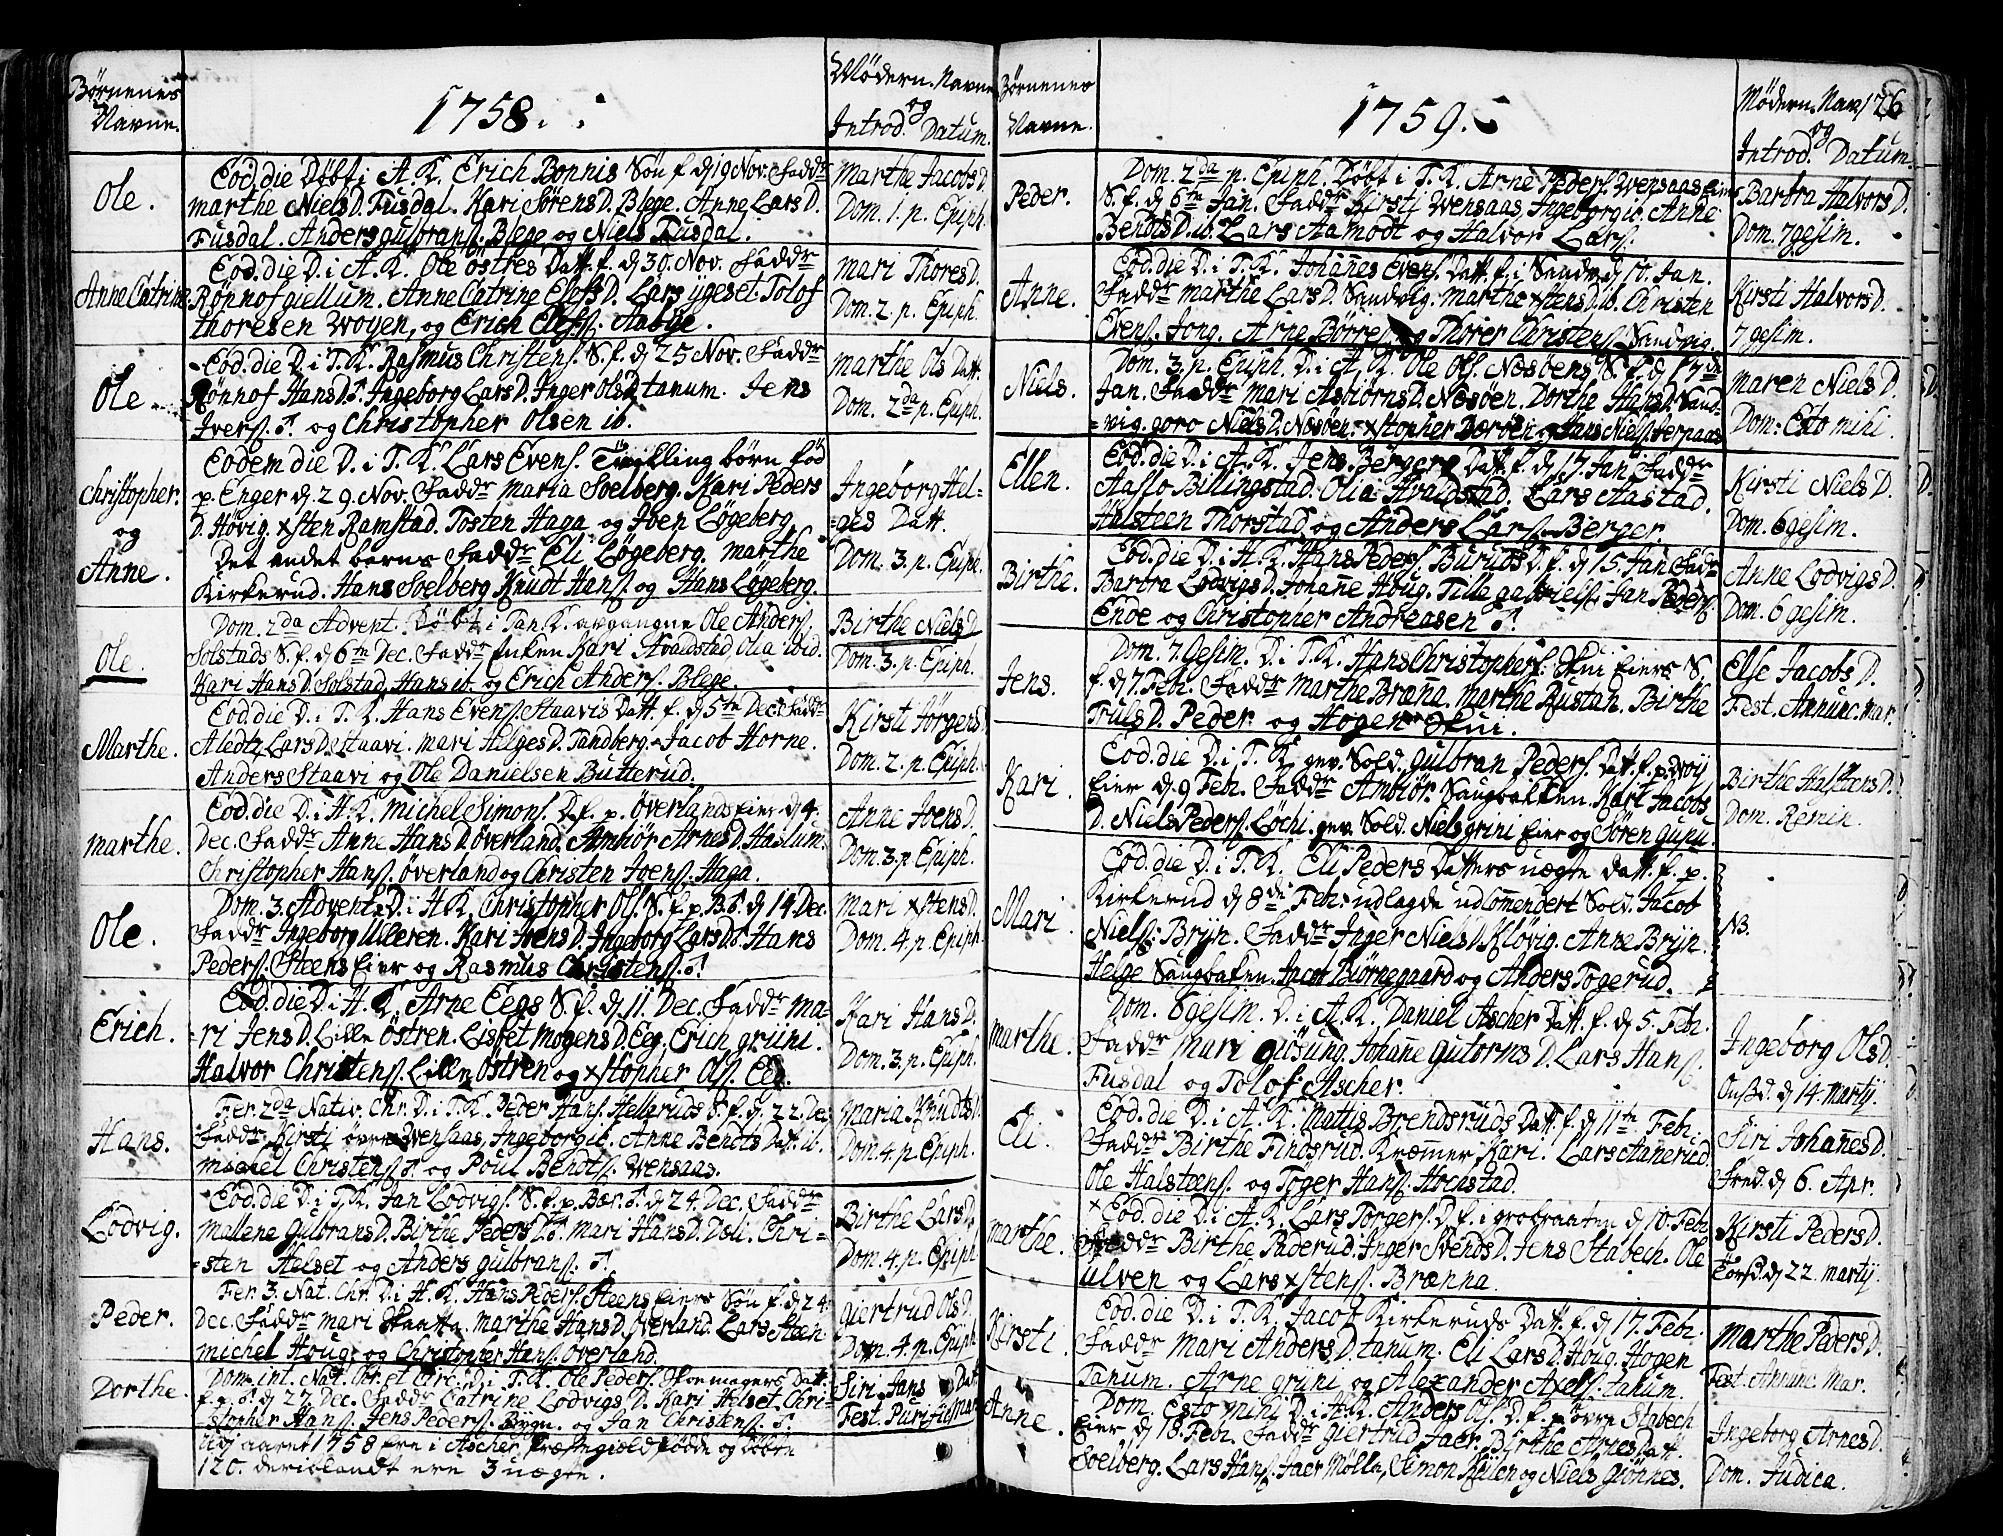 SAO, Asker prestekontor Kirkebøker, F/Fa/L0002: Ministerialbok nr. I 2, 1733-1766, s. 126